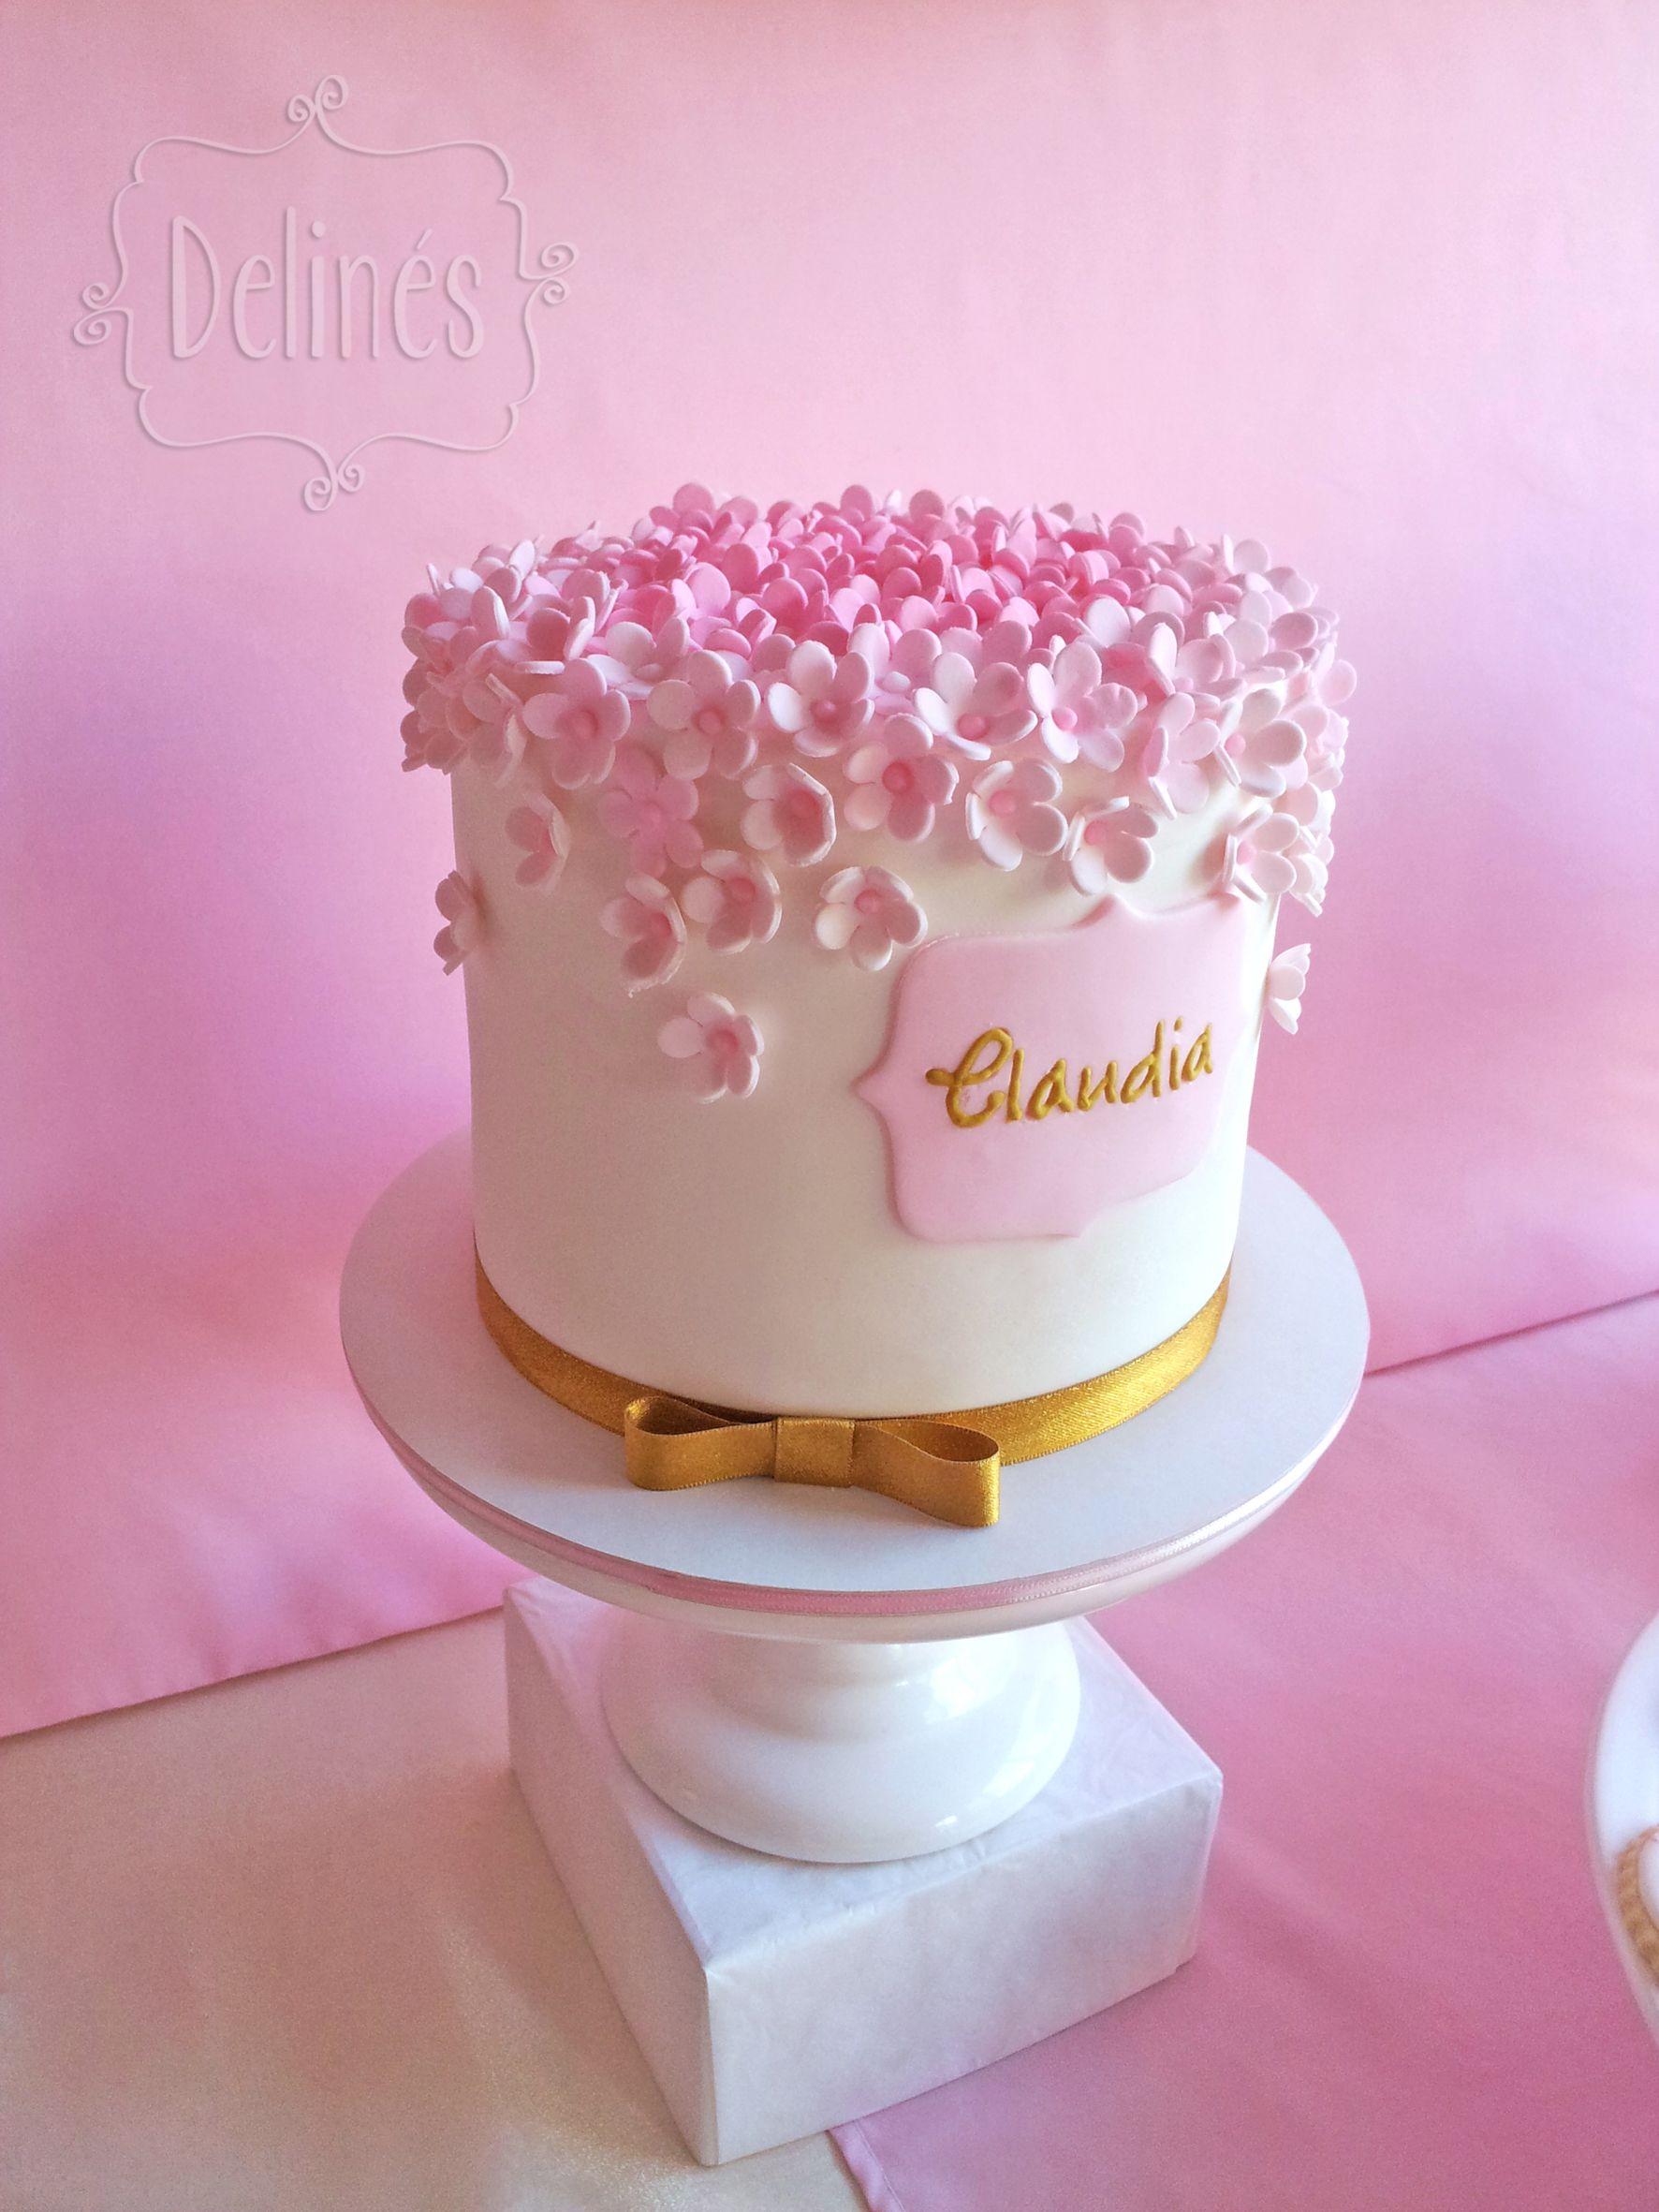 ** 10 cm 2 focos número de Brillo Rosa 2nd para Decoración de Pasteles Fiesta de Cumpleaños nuevo **